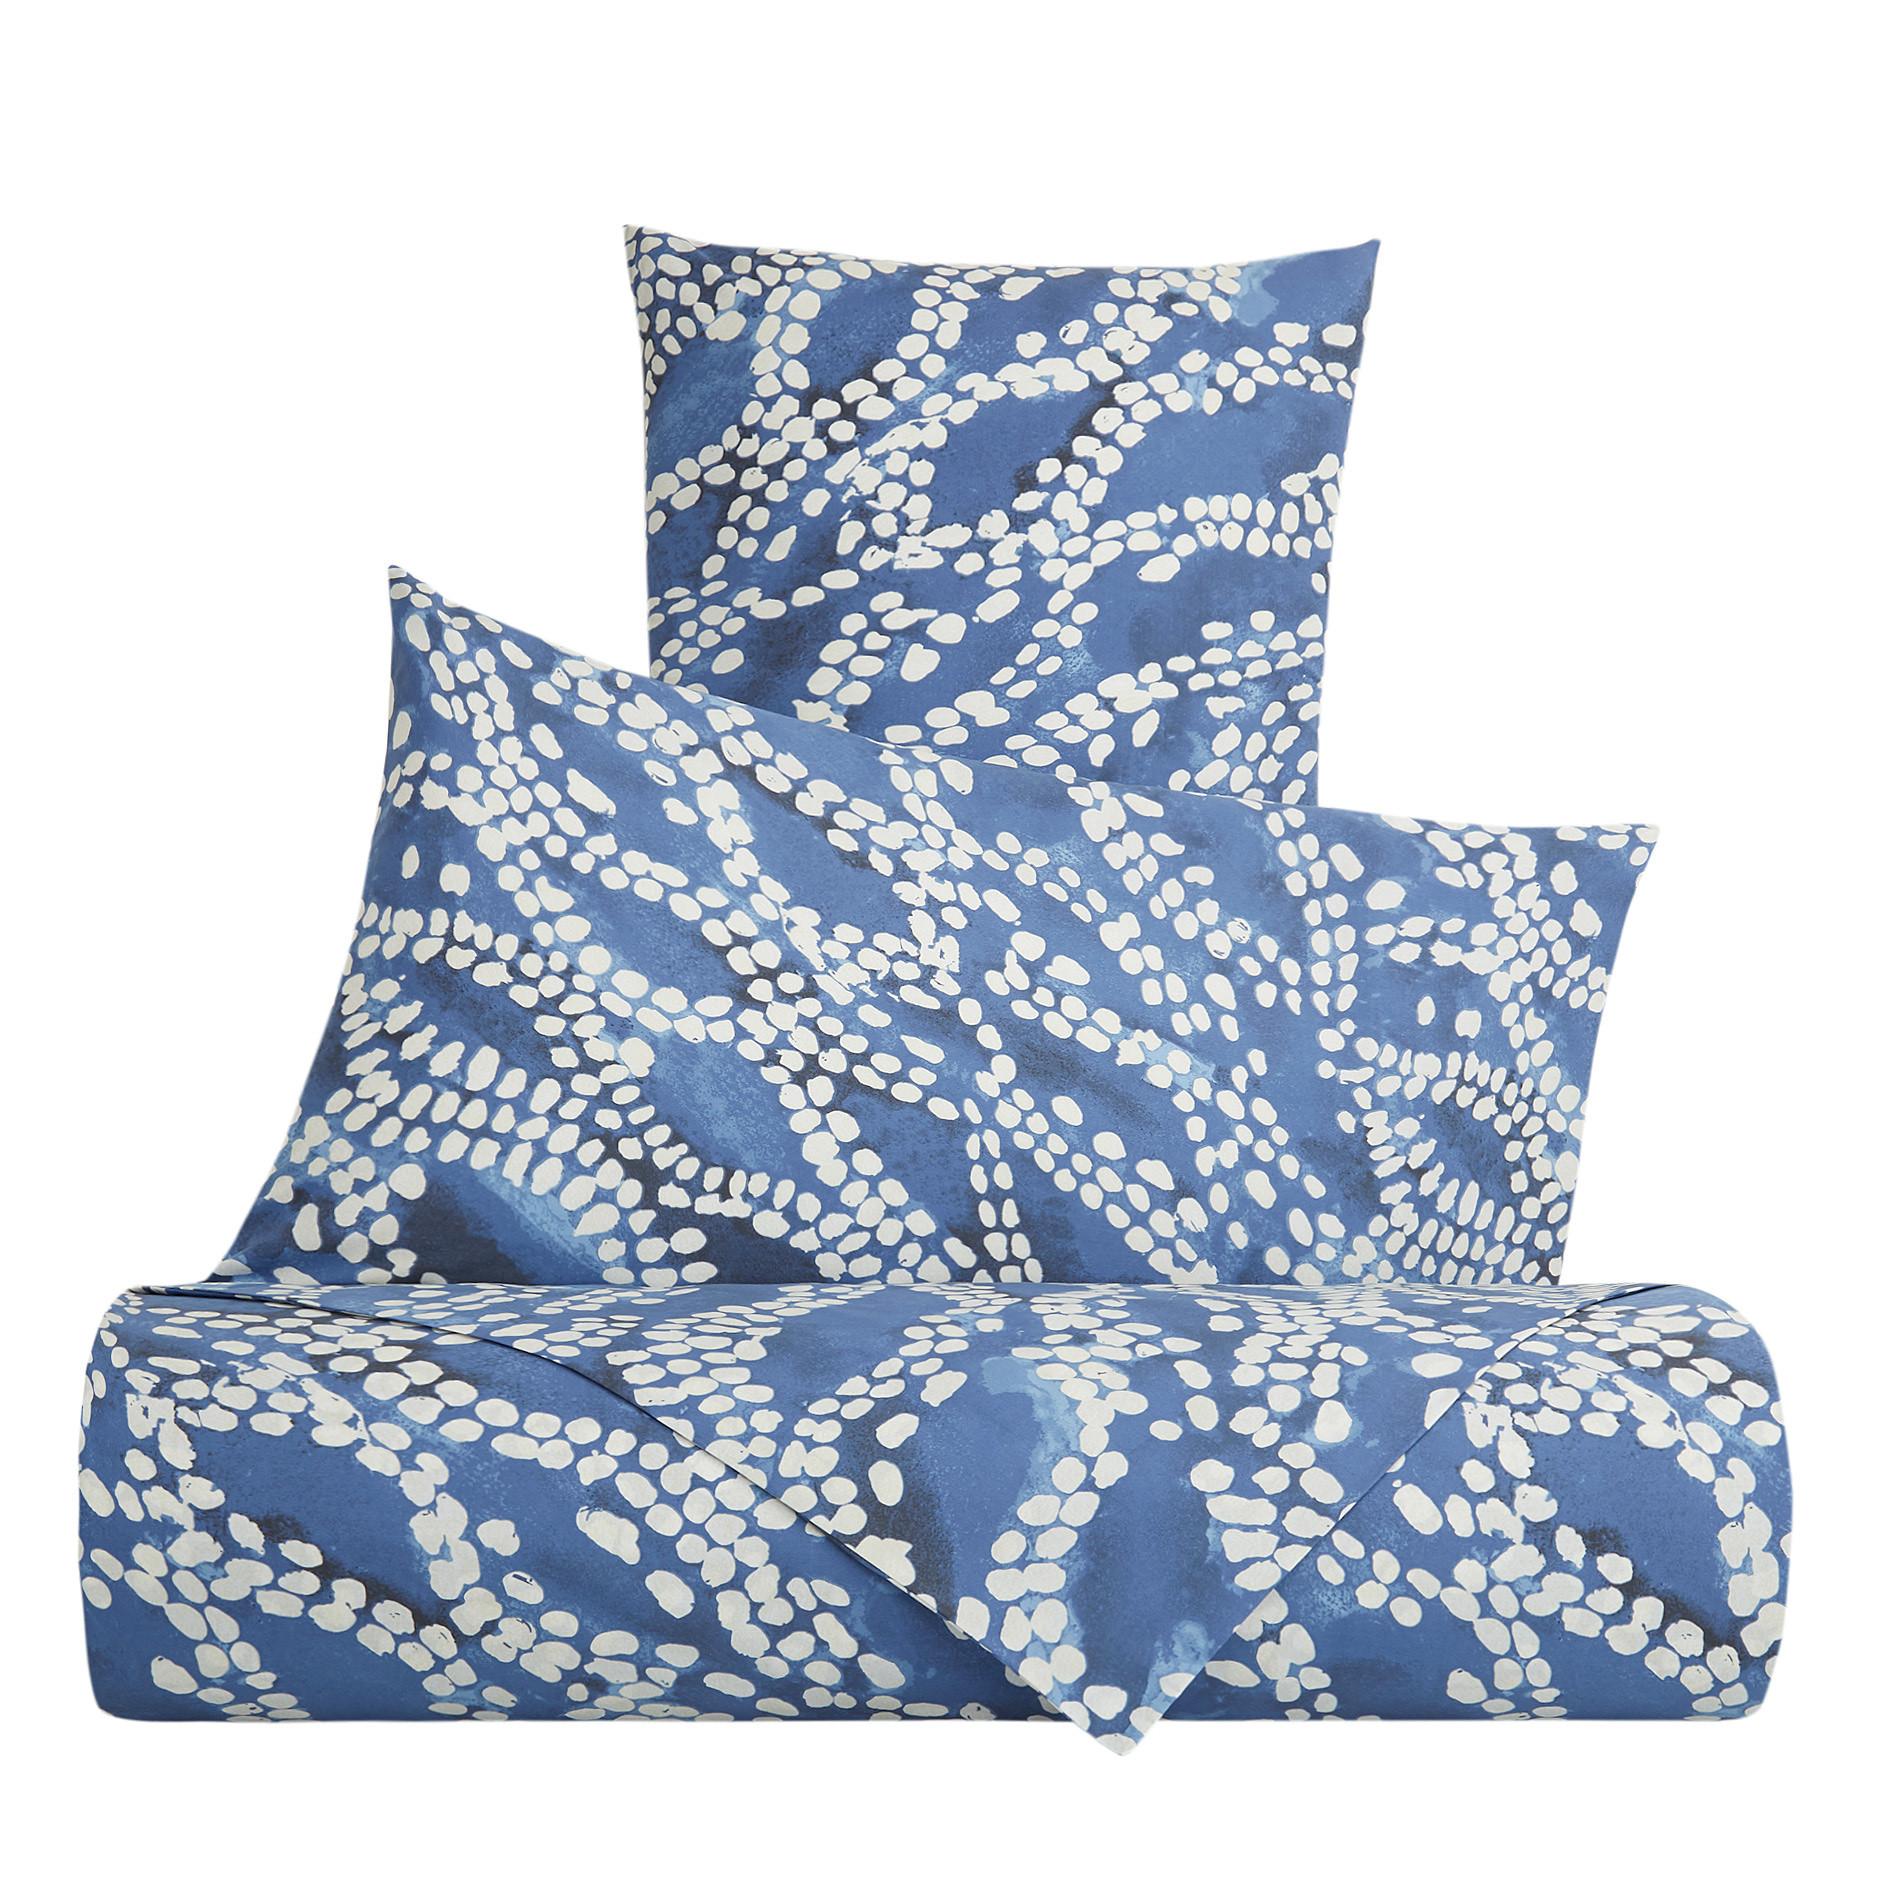 Lenzuolo liscio cotone percalle fantasia a puntini, Blu, large image number 0